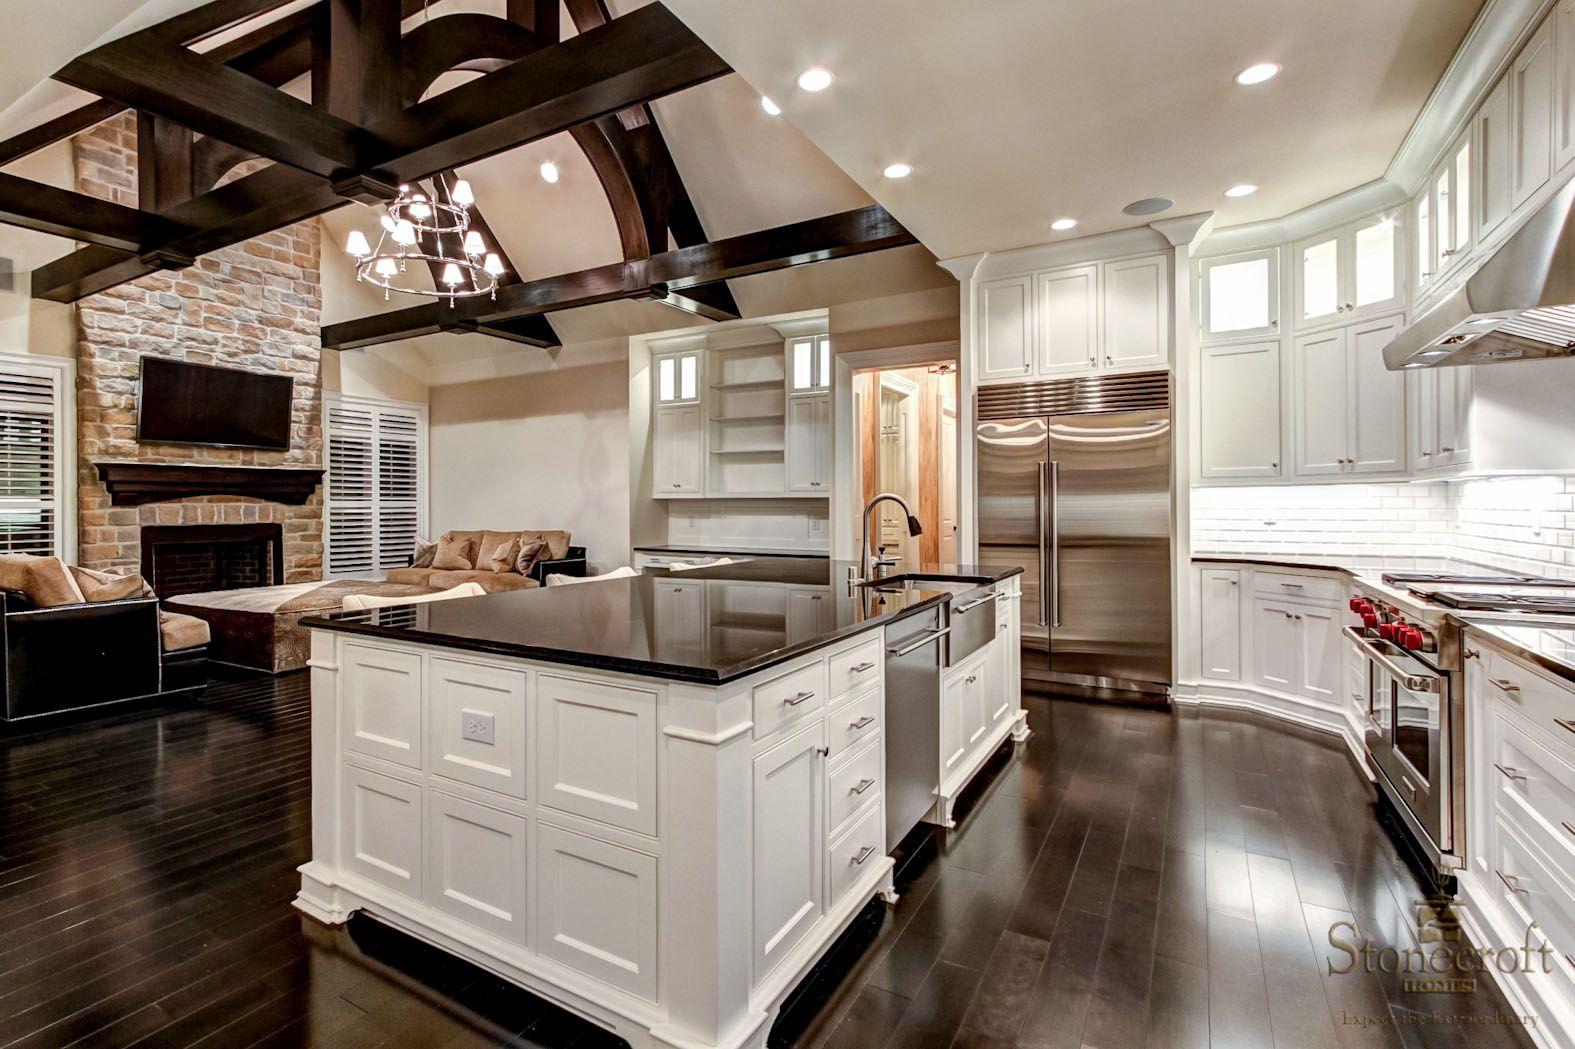 Kitchen Cabinets Louisville Stonecroft Homes Harrods Glen Lot 1 Louisville Custom Builder